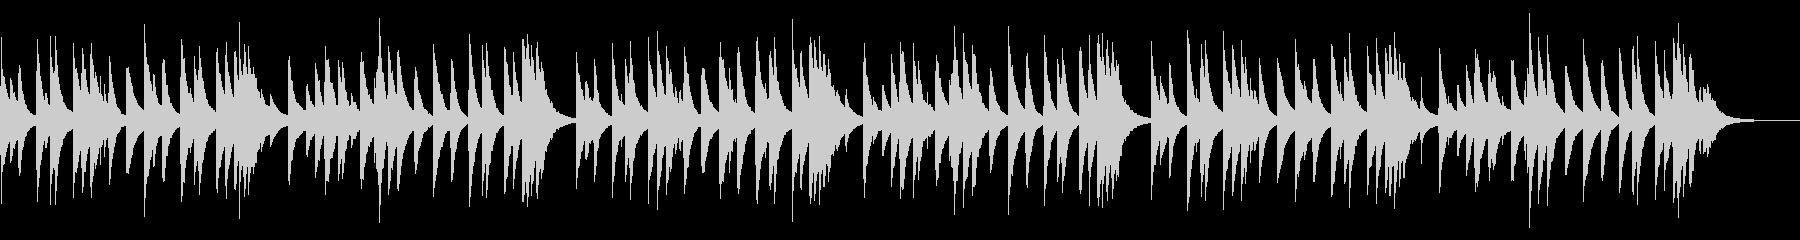 シューベルトの子守唄 72弁オルゴールの未再生の波形